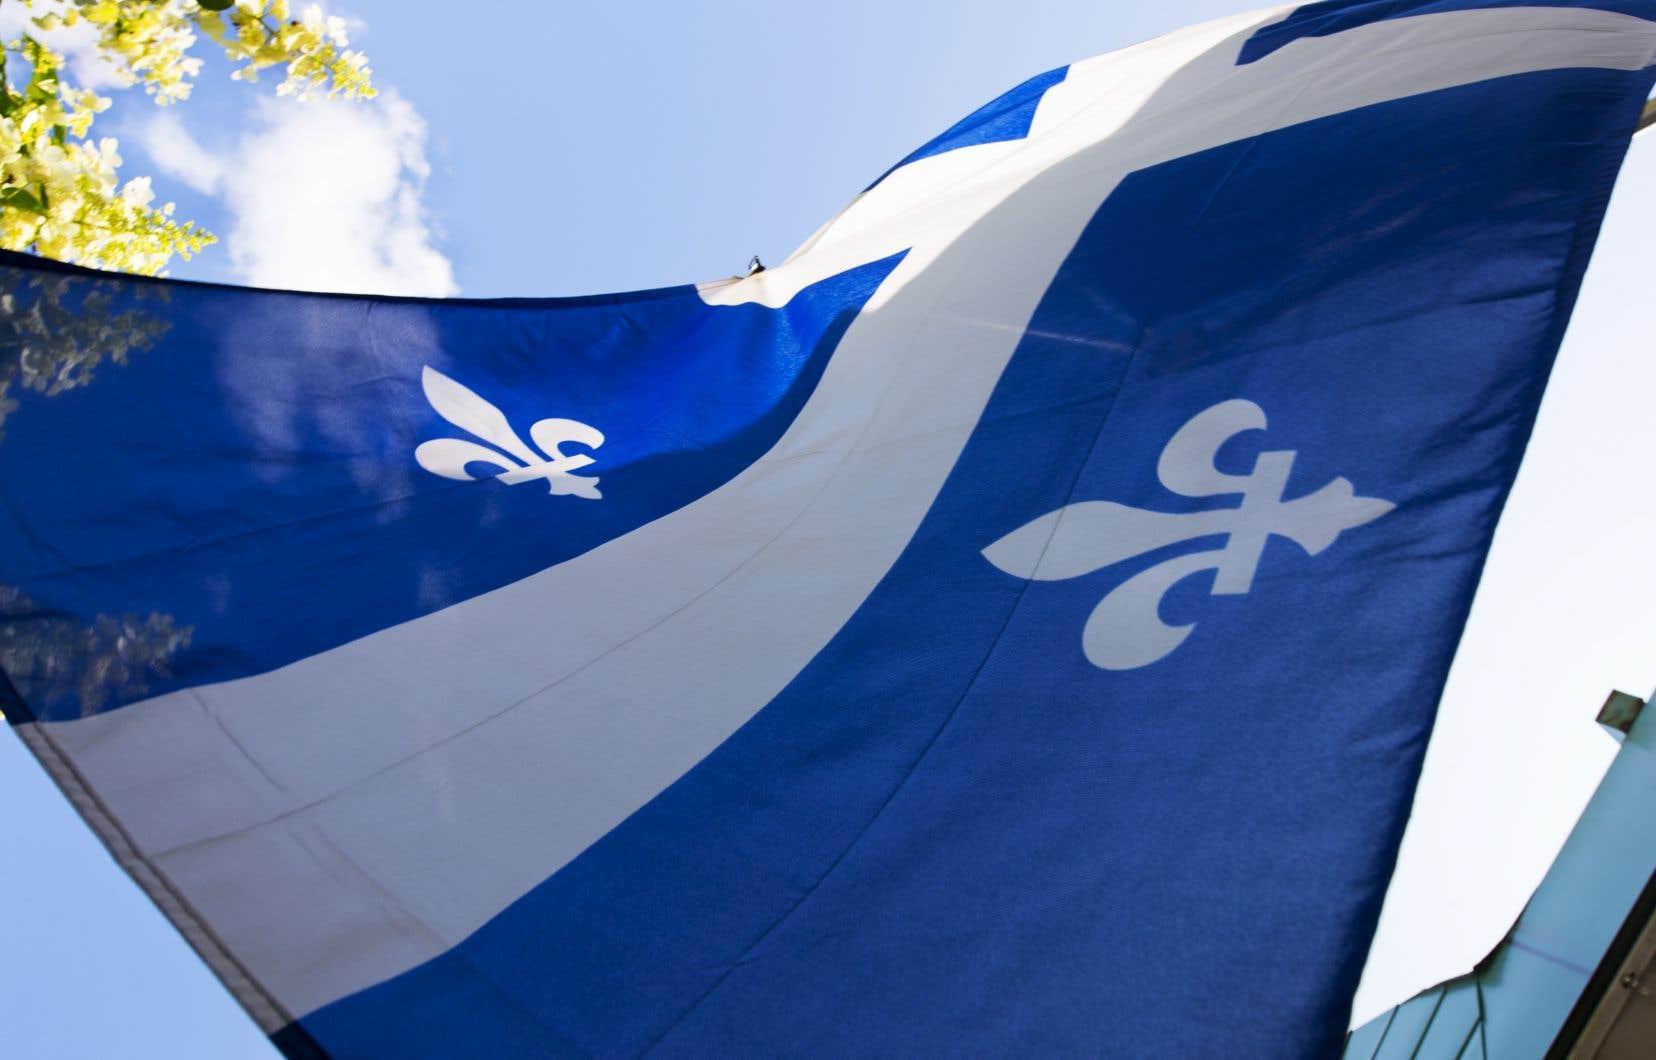 «La loi 101 a permis au Québec de s'affirmer, de viser haut et de se tenir droit, en faisant du français l'instrument l'amenant à s'inscrire dans l'Histoire et à assurer sa cohésion sociale», écritSimon Jolin-Barrette.